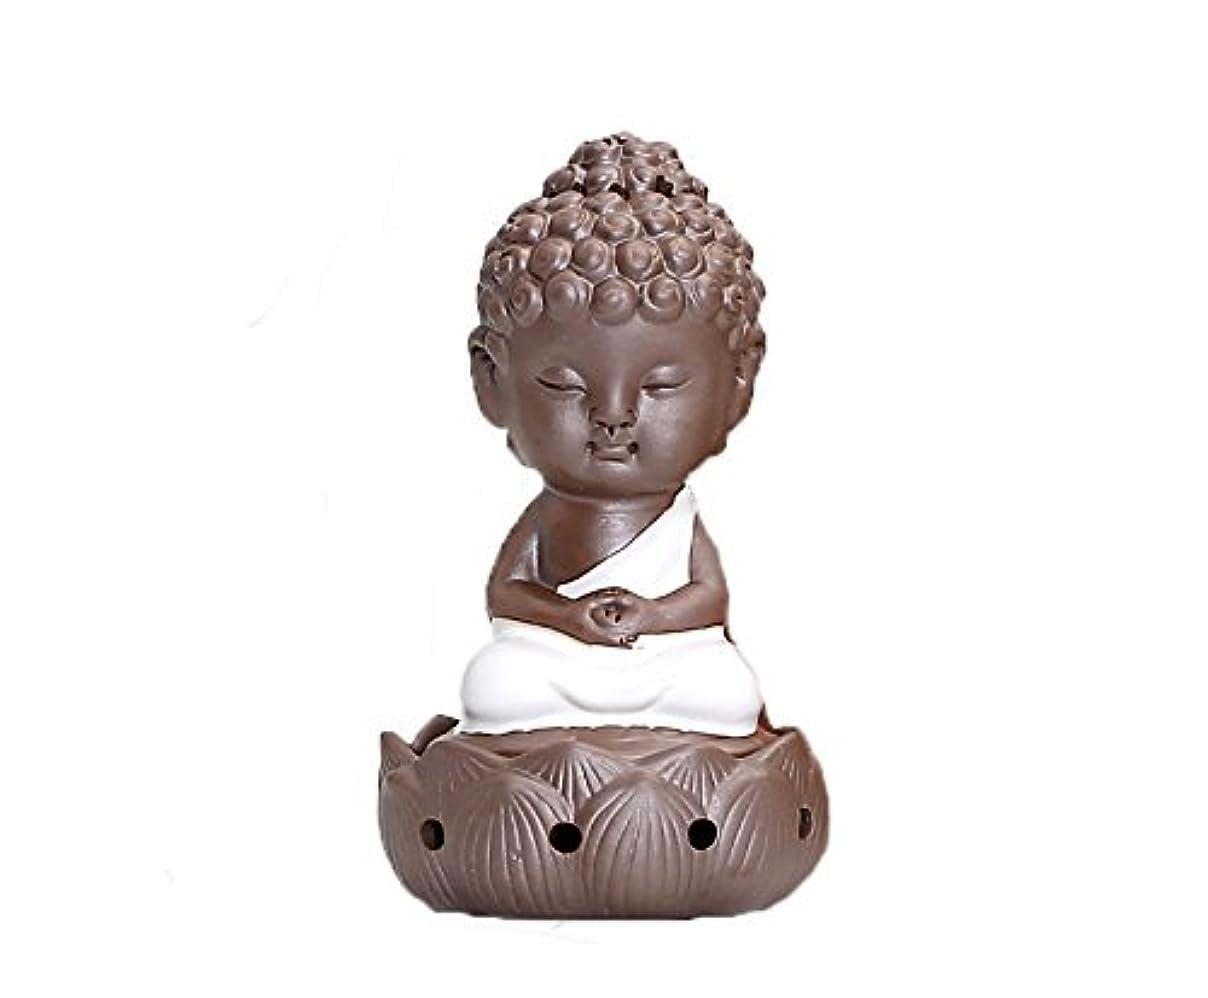 いろいろ横に文明香炉 陶器 お香 ホルダー 巻香 お香立て付き セラミック 癒やし仏 飾り香炉 (ホワイト)